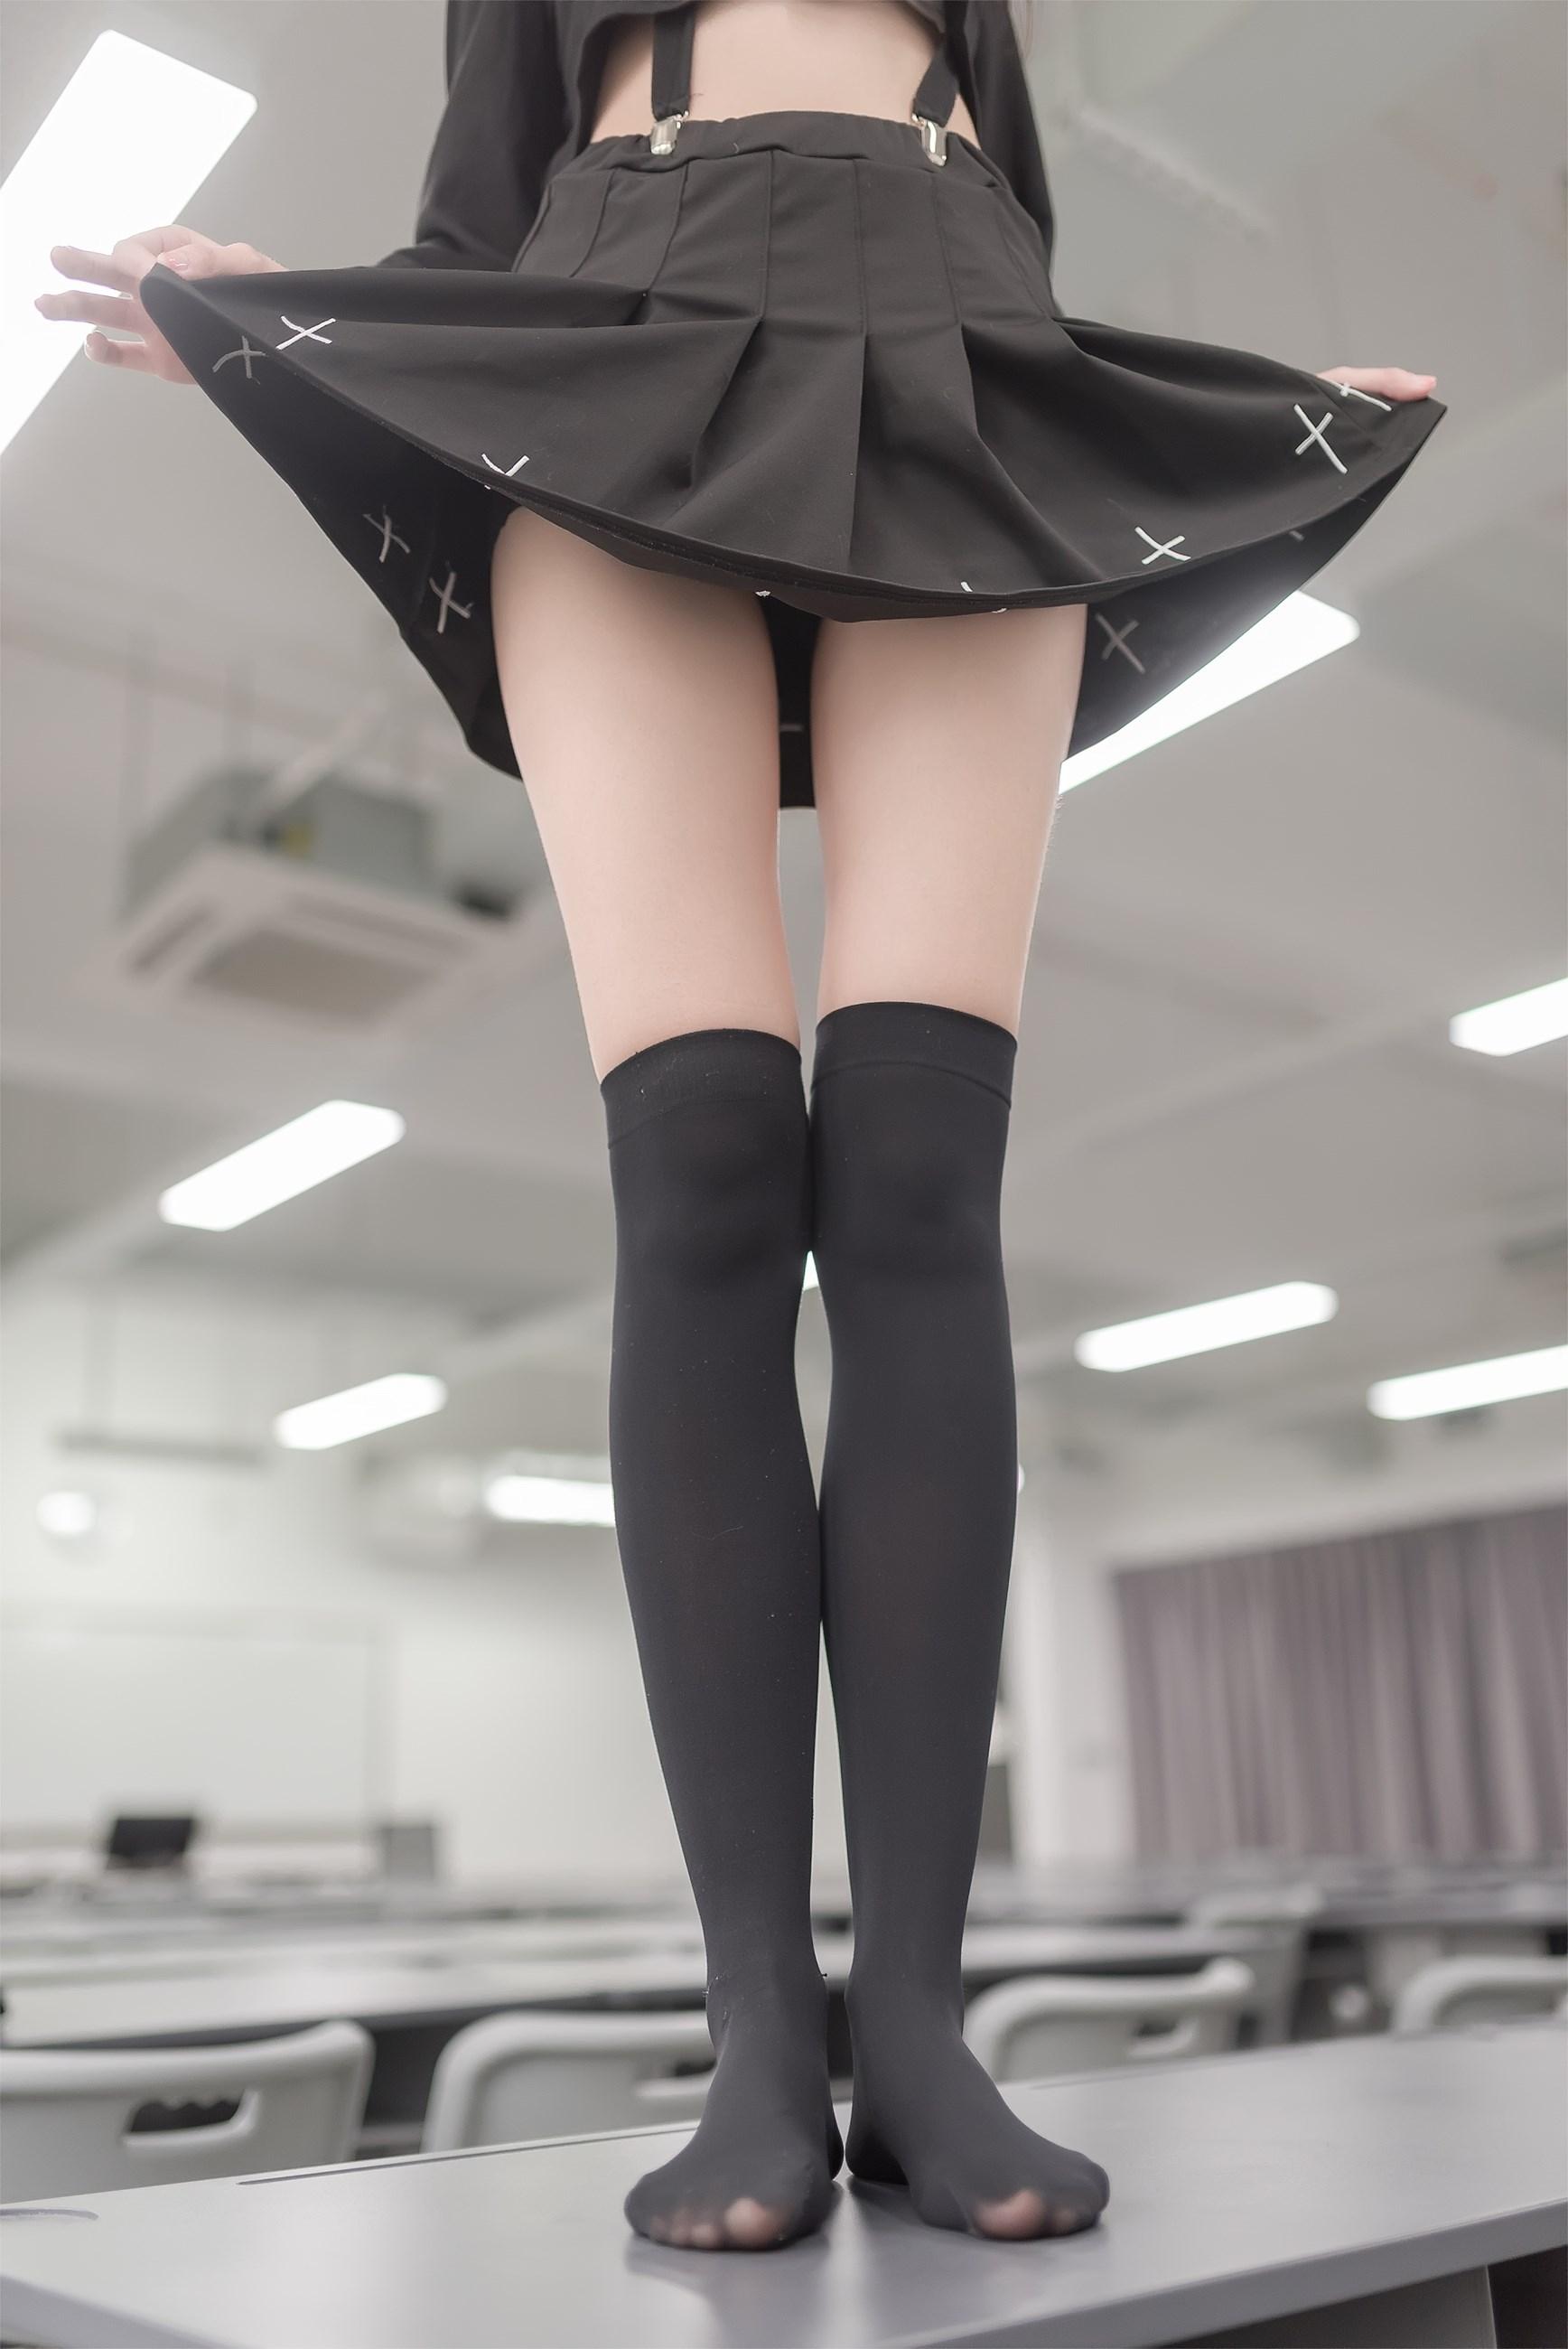 【兔玩映画】吊带的小裙子 兔玩映画 第11张